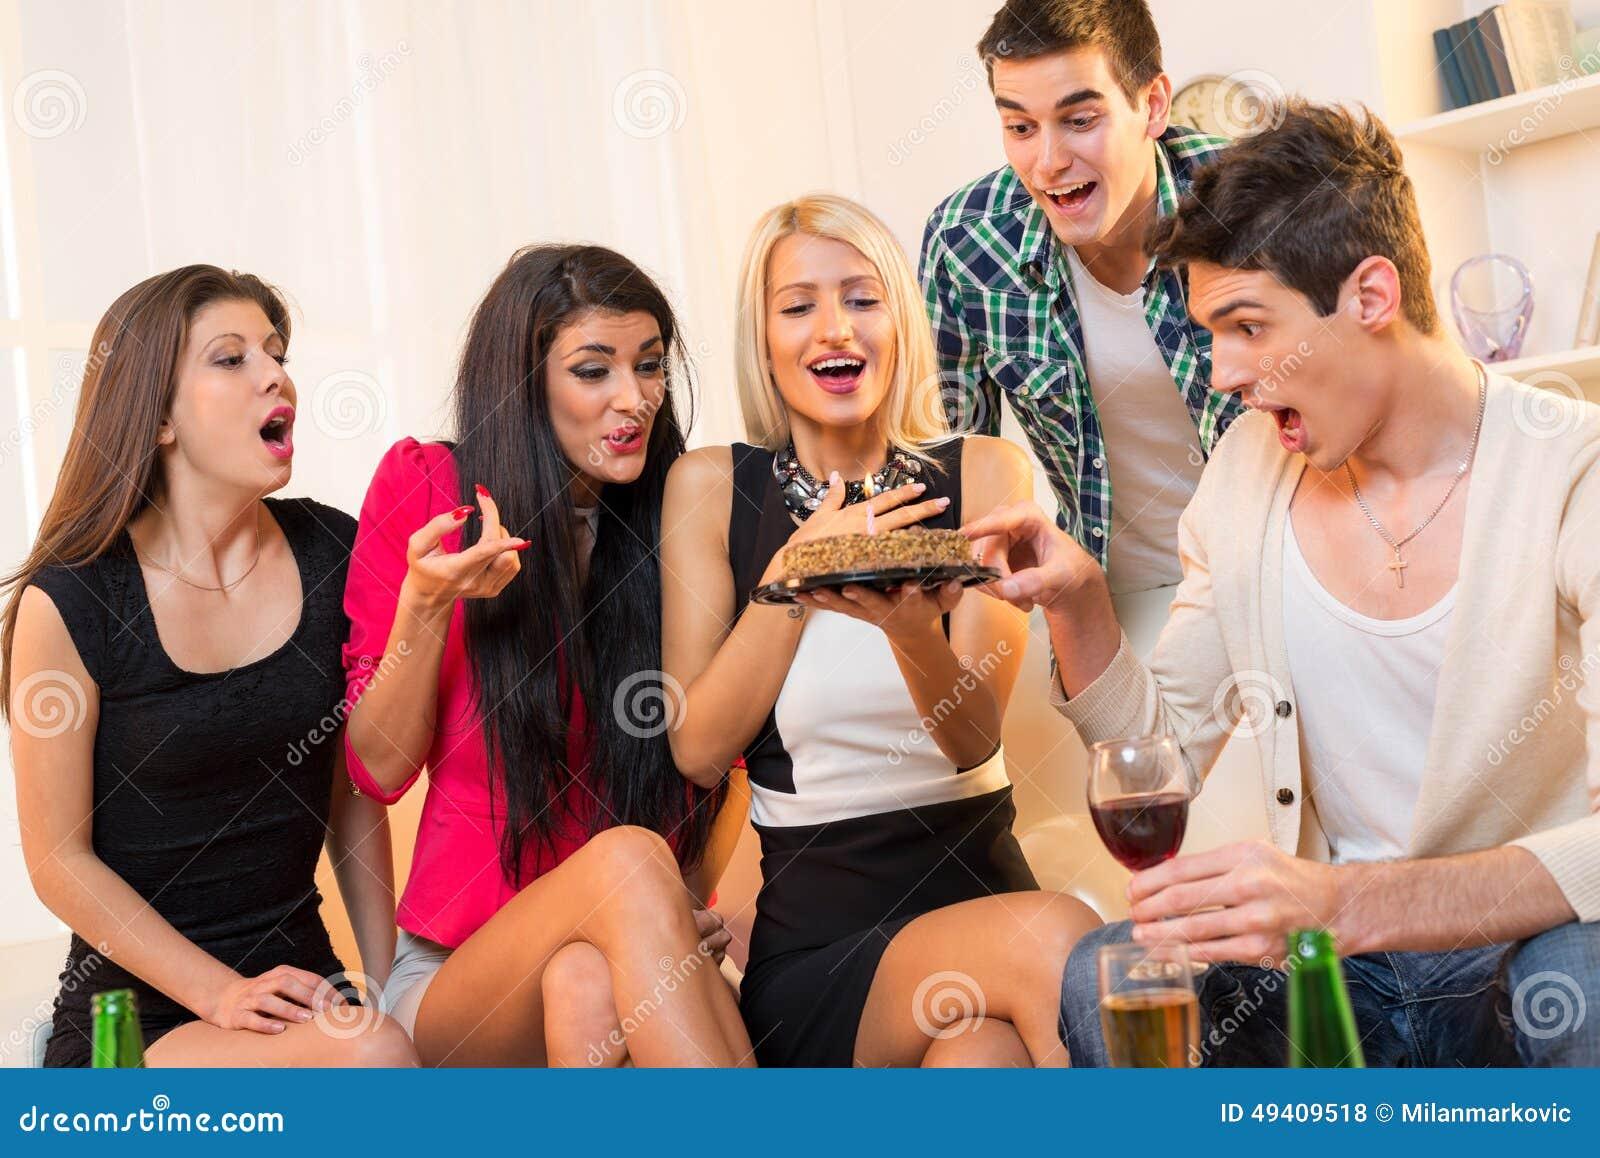 Download Zeit, Für Das Schöne, Lächelnde Junge Afroamerikanermädchen Zu Feiern, Zu Hause Sitzend Auf Dem Fußboden, Mit Einem Geburtstagges Stockfoto - Bild von couch, freundlich: 49409518